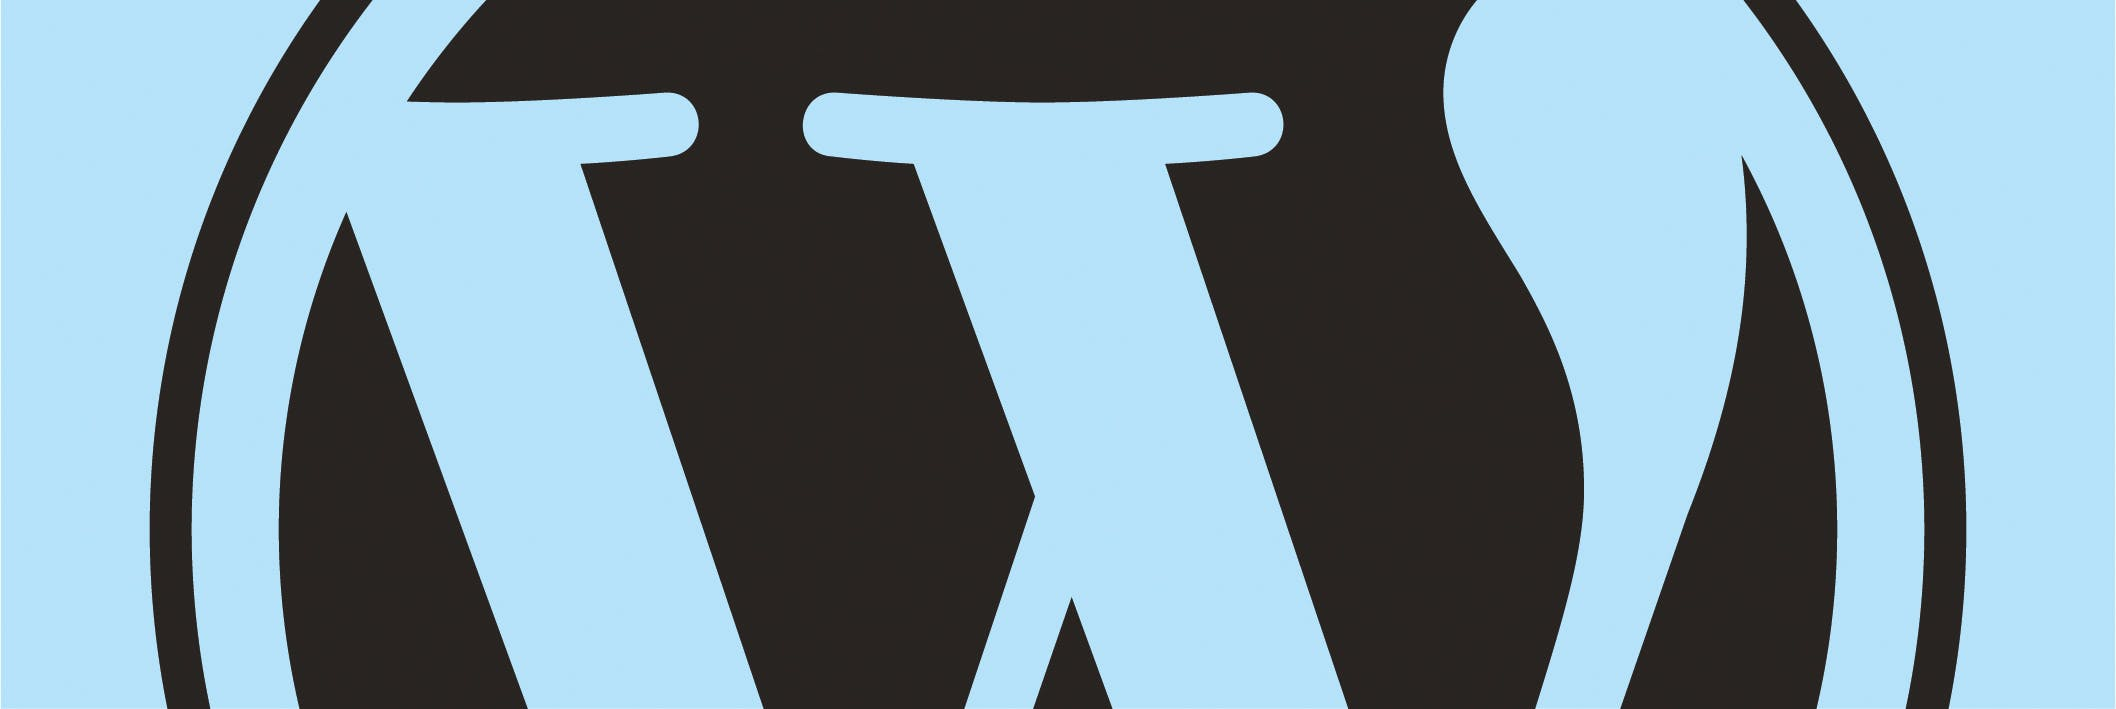 WordPress in Groß: Workflows für die Umsetzung großer Projekte